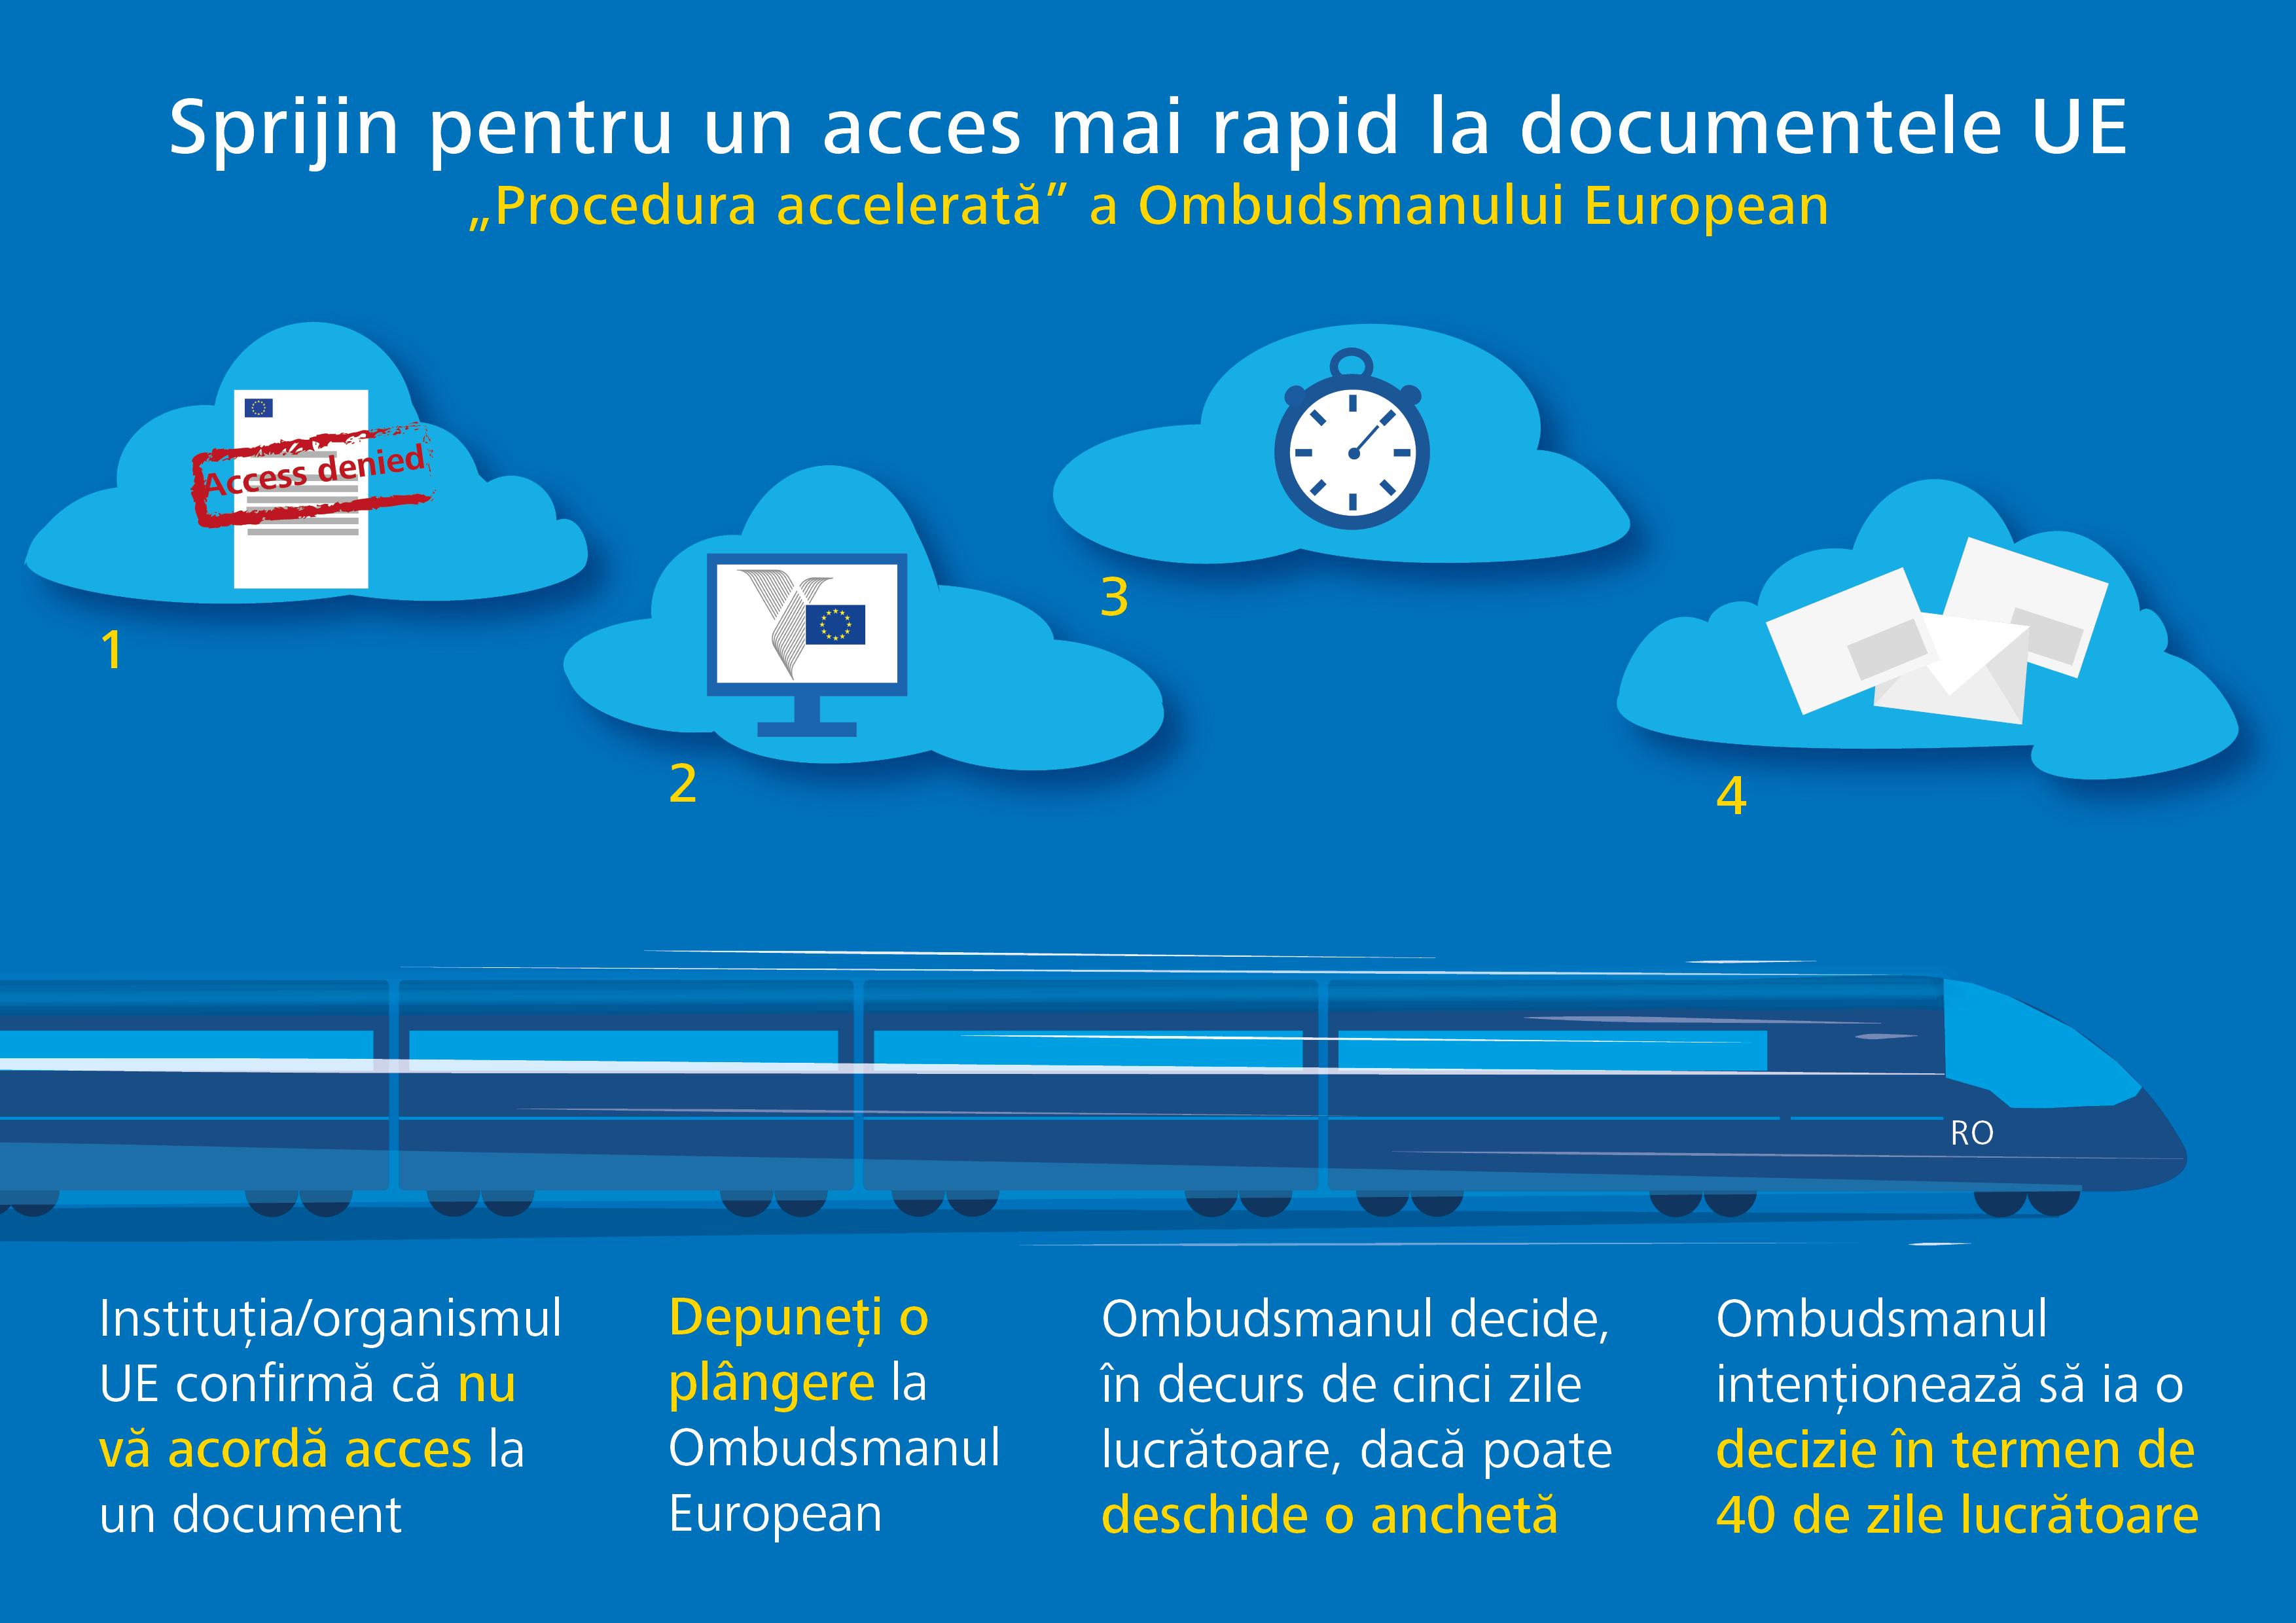 Sprijin pentru un acces mai rapid la documentele UE